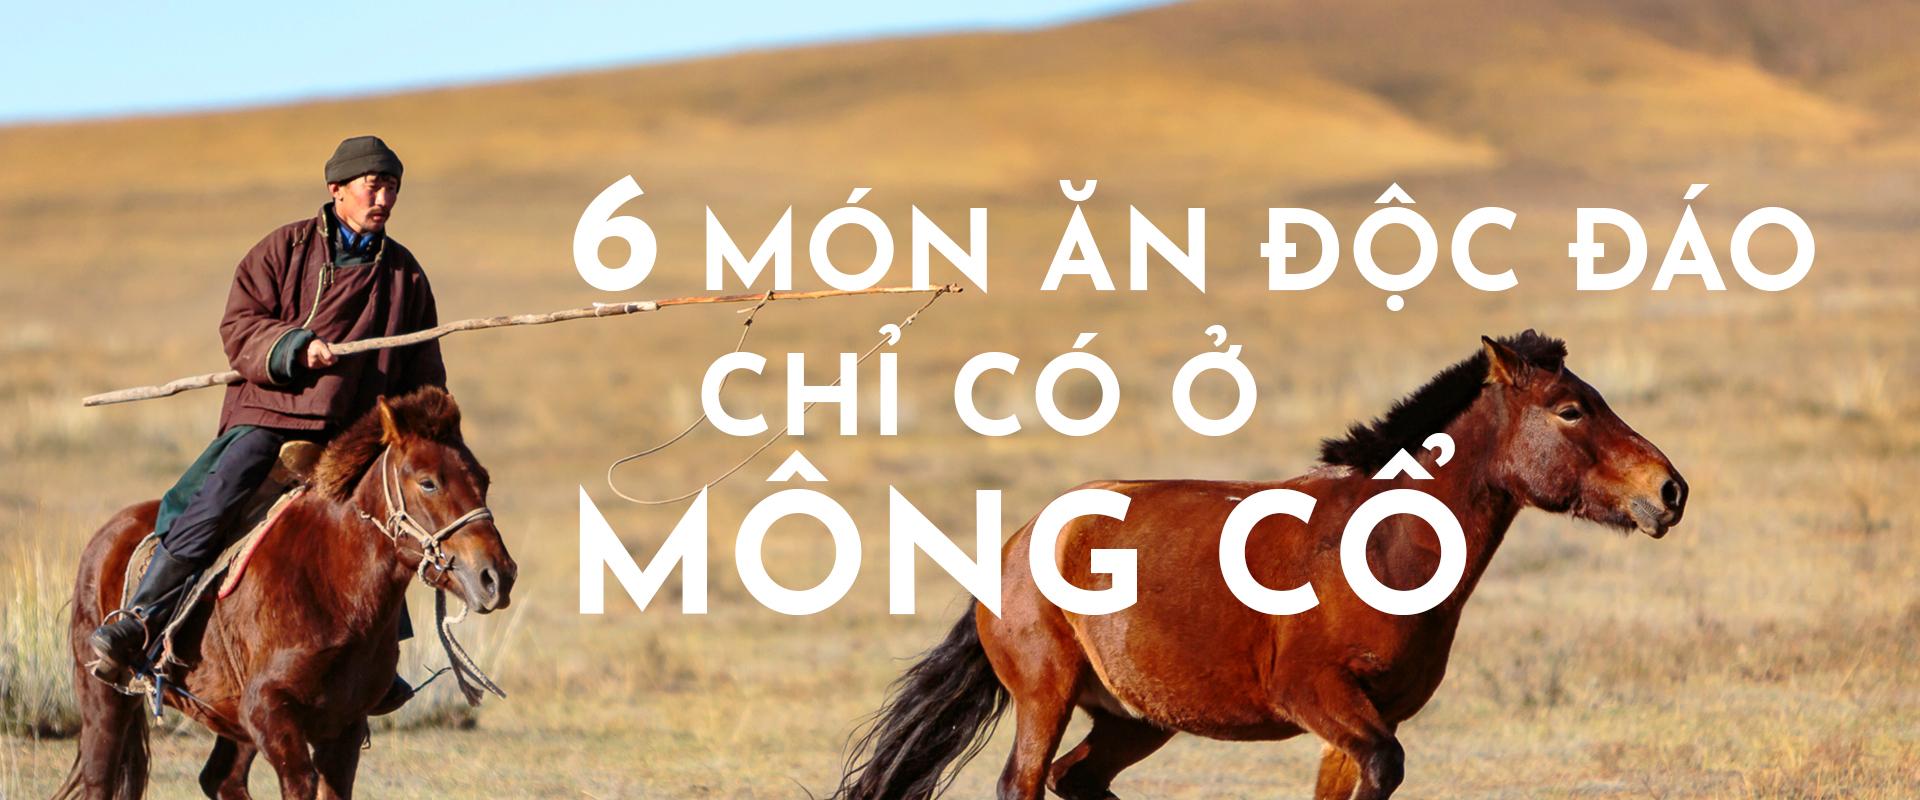 6 món ăn độc đáo chỉ có thể thưởng thức khi du lịch Mông Cổ